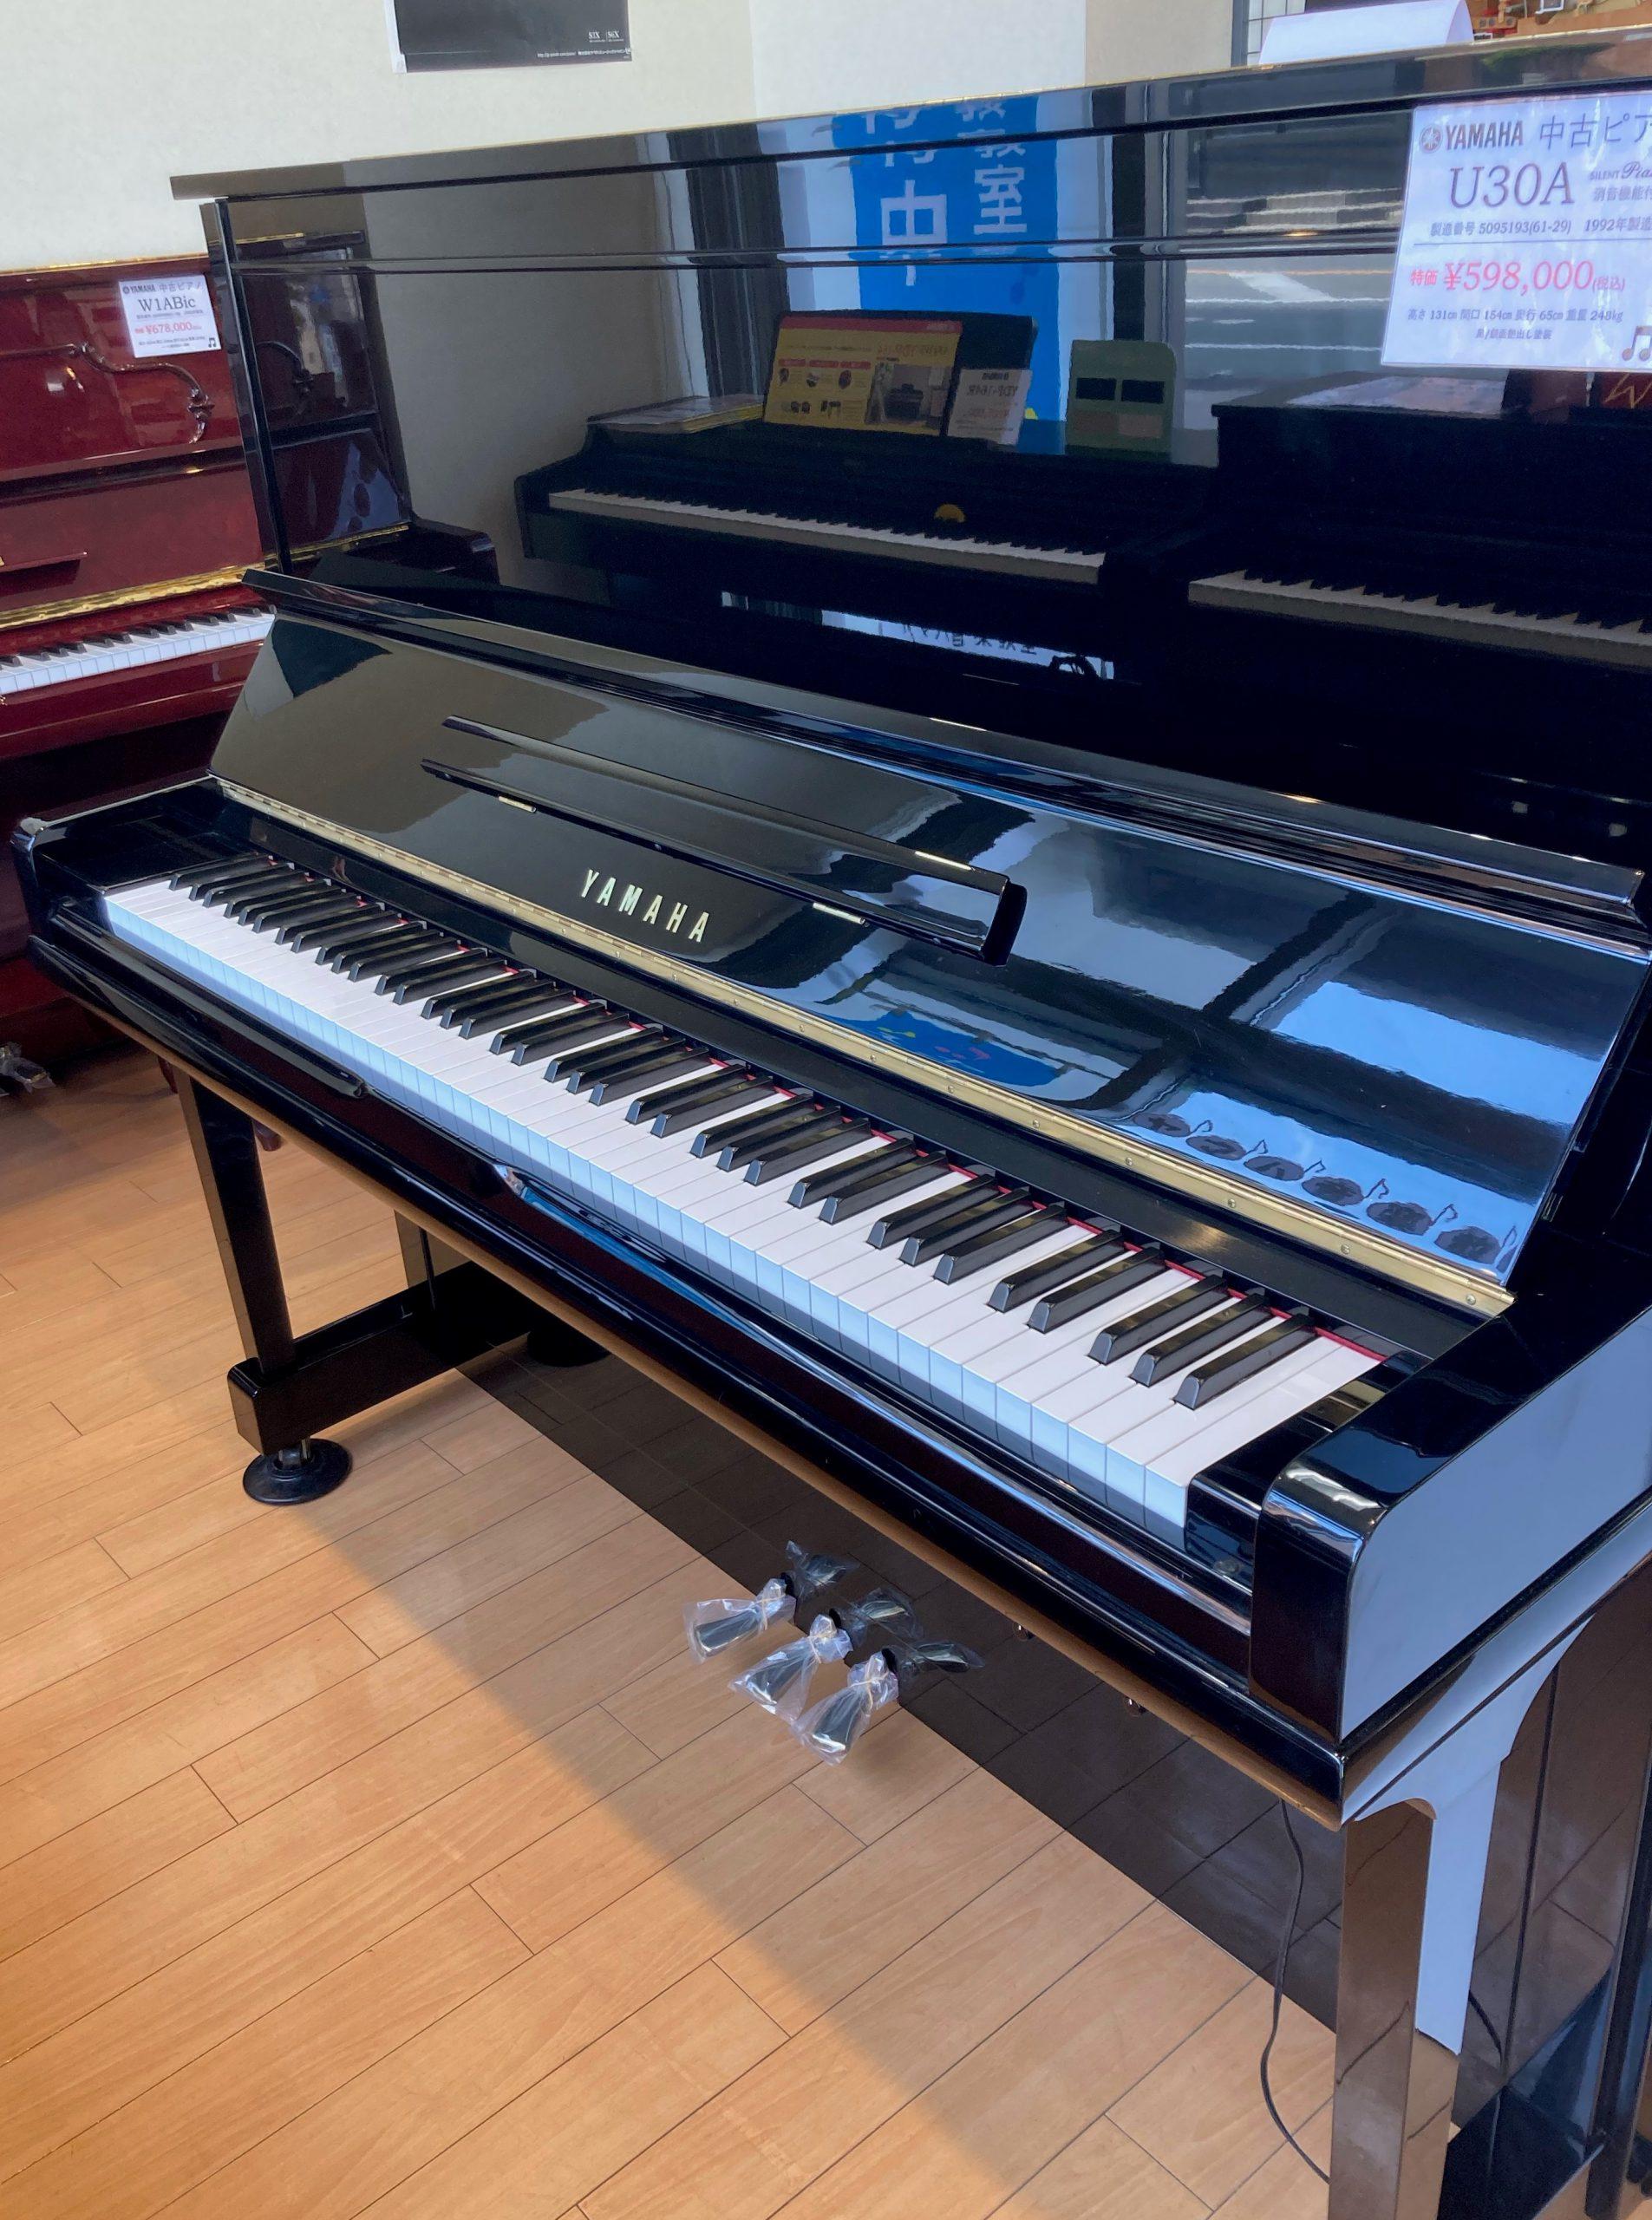 ヤマハ中古ピアノU30A(サイレント機能付き)